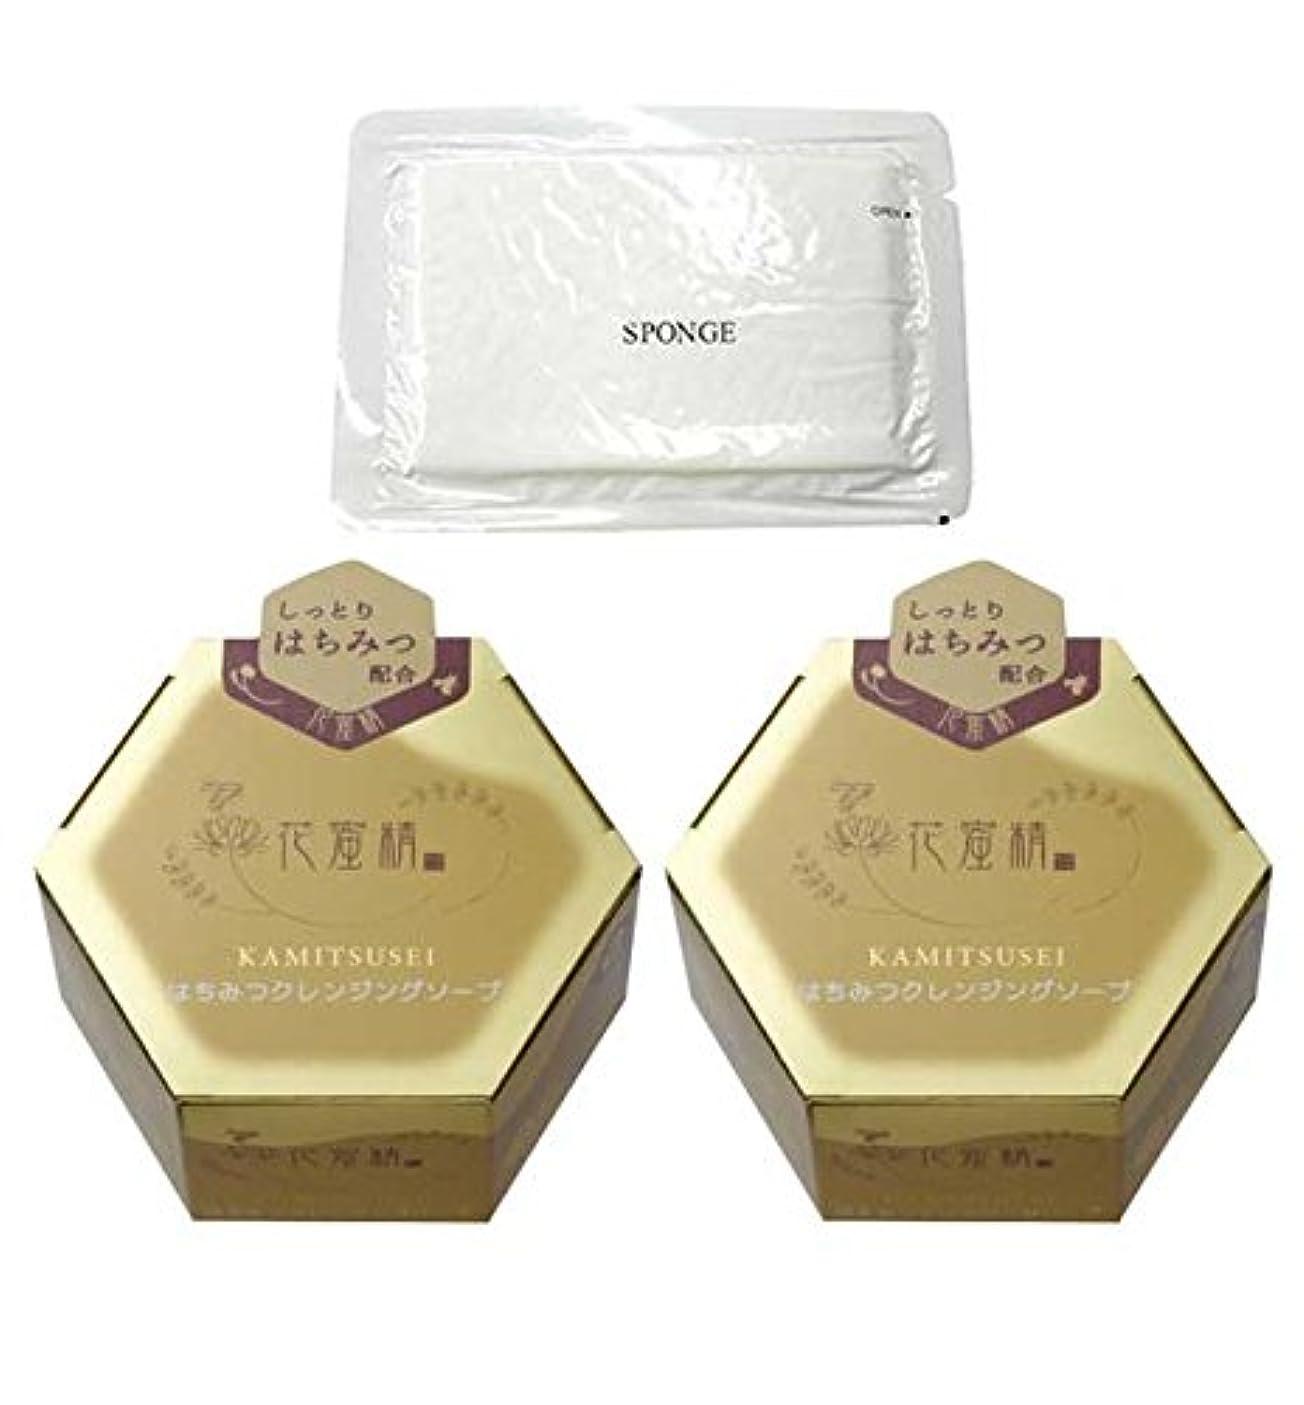 航海カフェ方向花蜜精 はちみつクレンジングソープ 85g 2個 + 圧縮スポンジセット